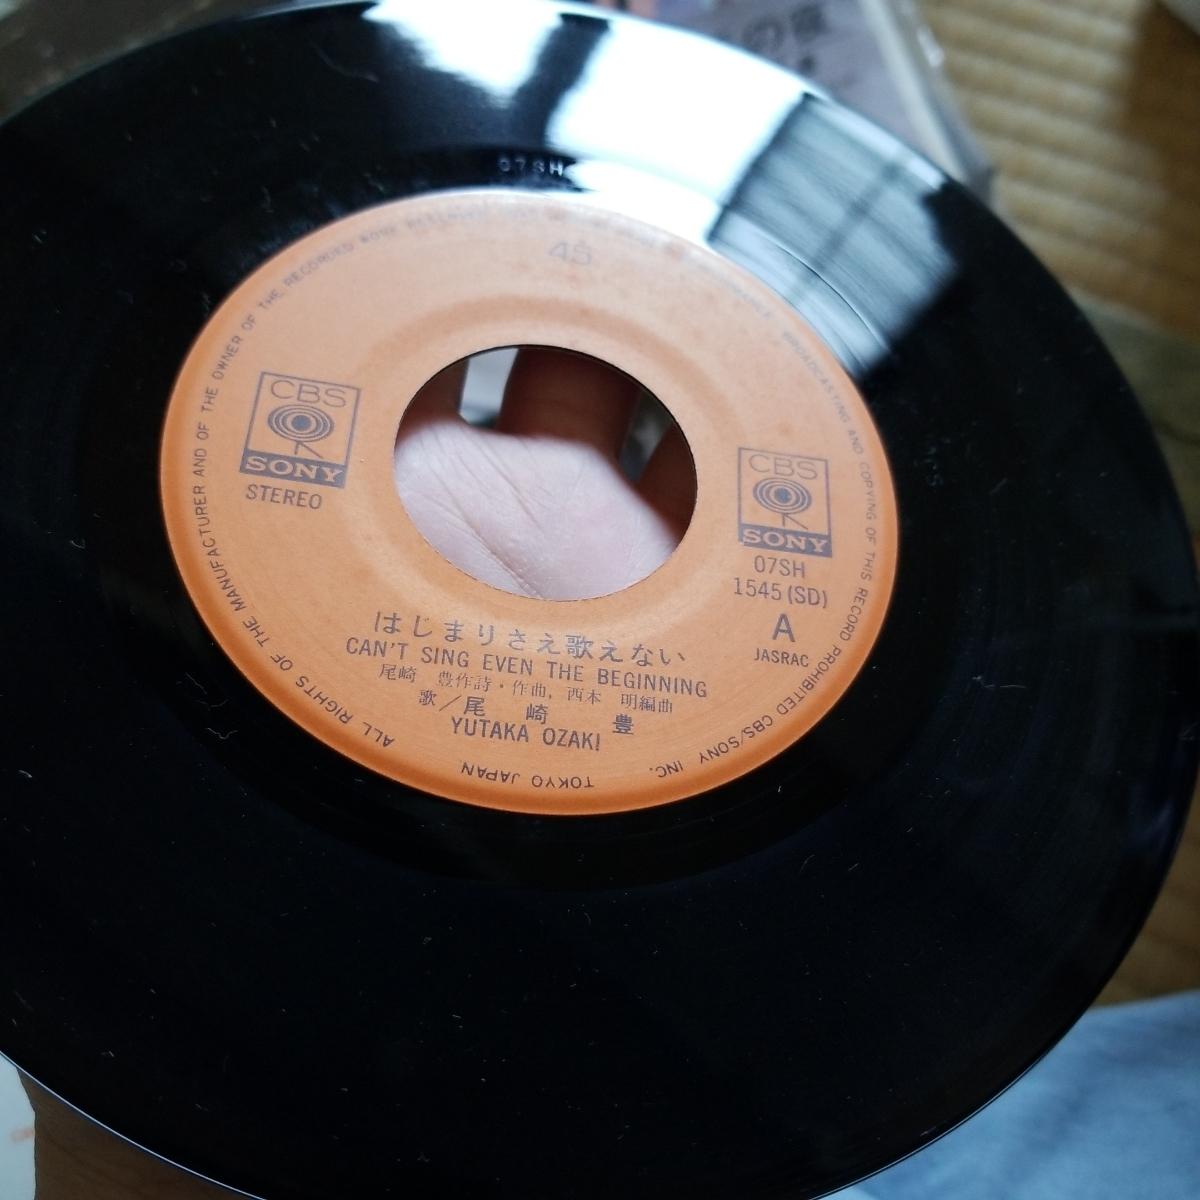 尾崎豊 15の夜 傷つけた人々へ 17歳の地図 OH MY LITTLE GIRL はじまりさえ歌えない 愛が消えた街 レコード まとめて_画像7